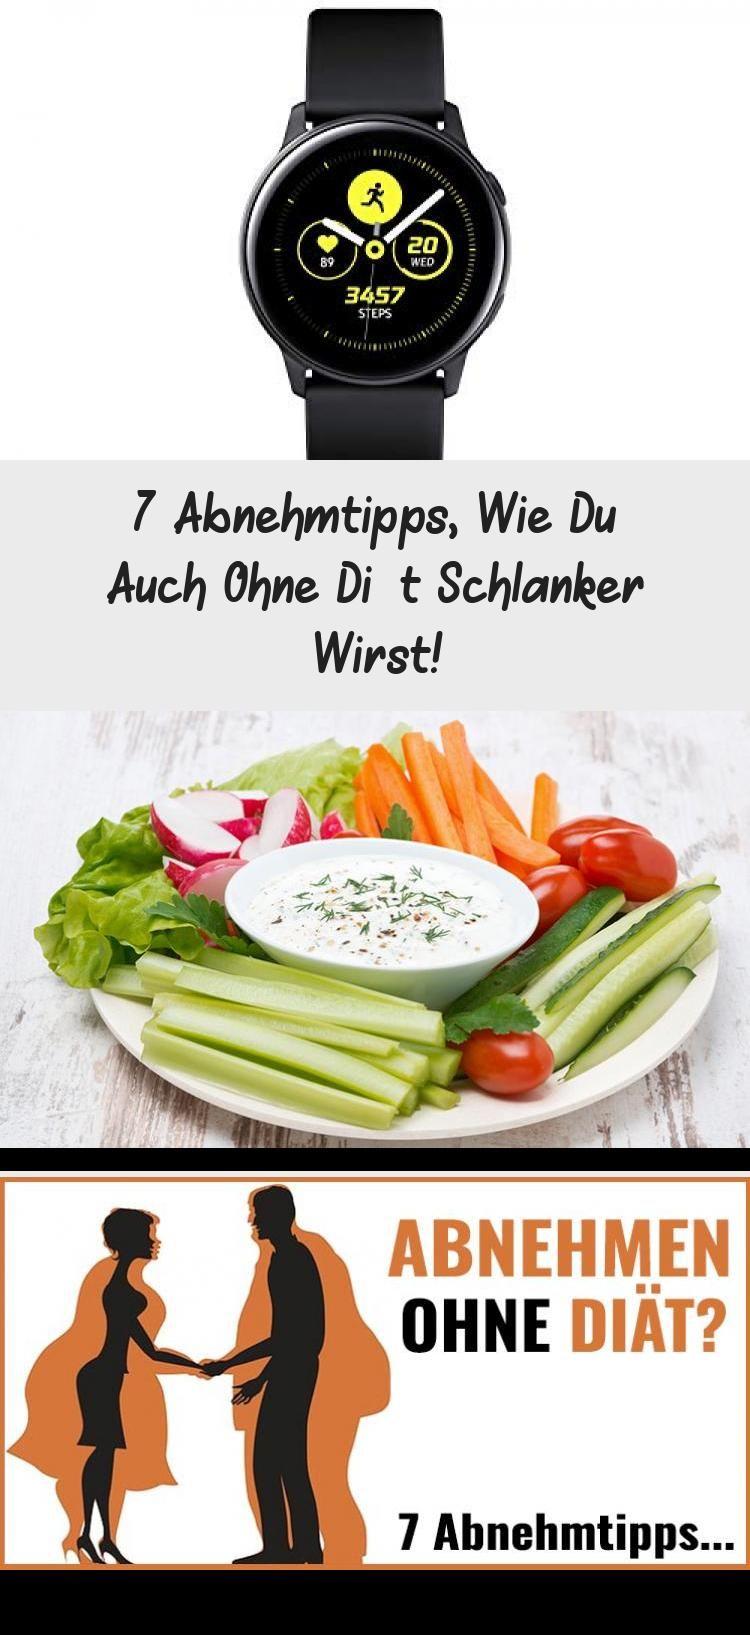 #Abnehmen ohne #Diät ist möglich! Mit KLICK AUF DAS BILD, verrate ich Dir meine 7 besten #Abnehmtipp...